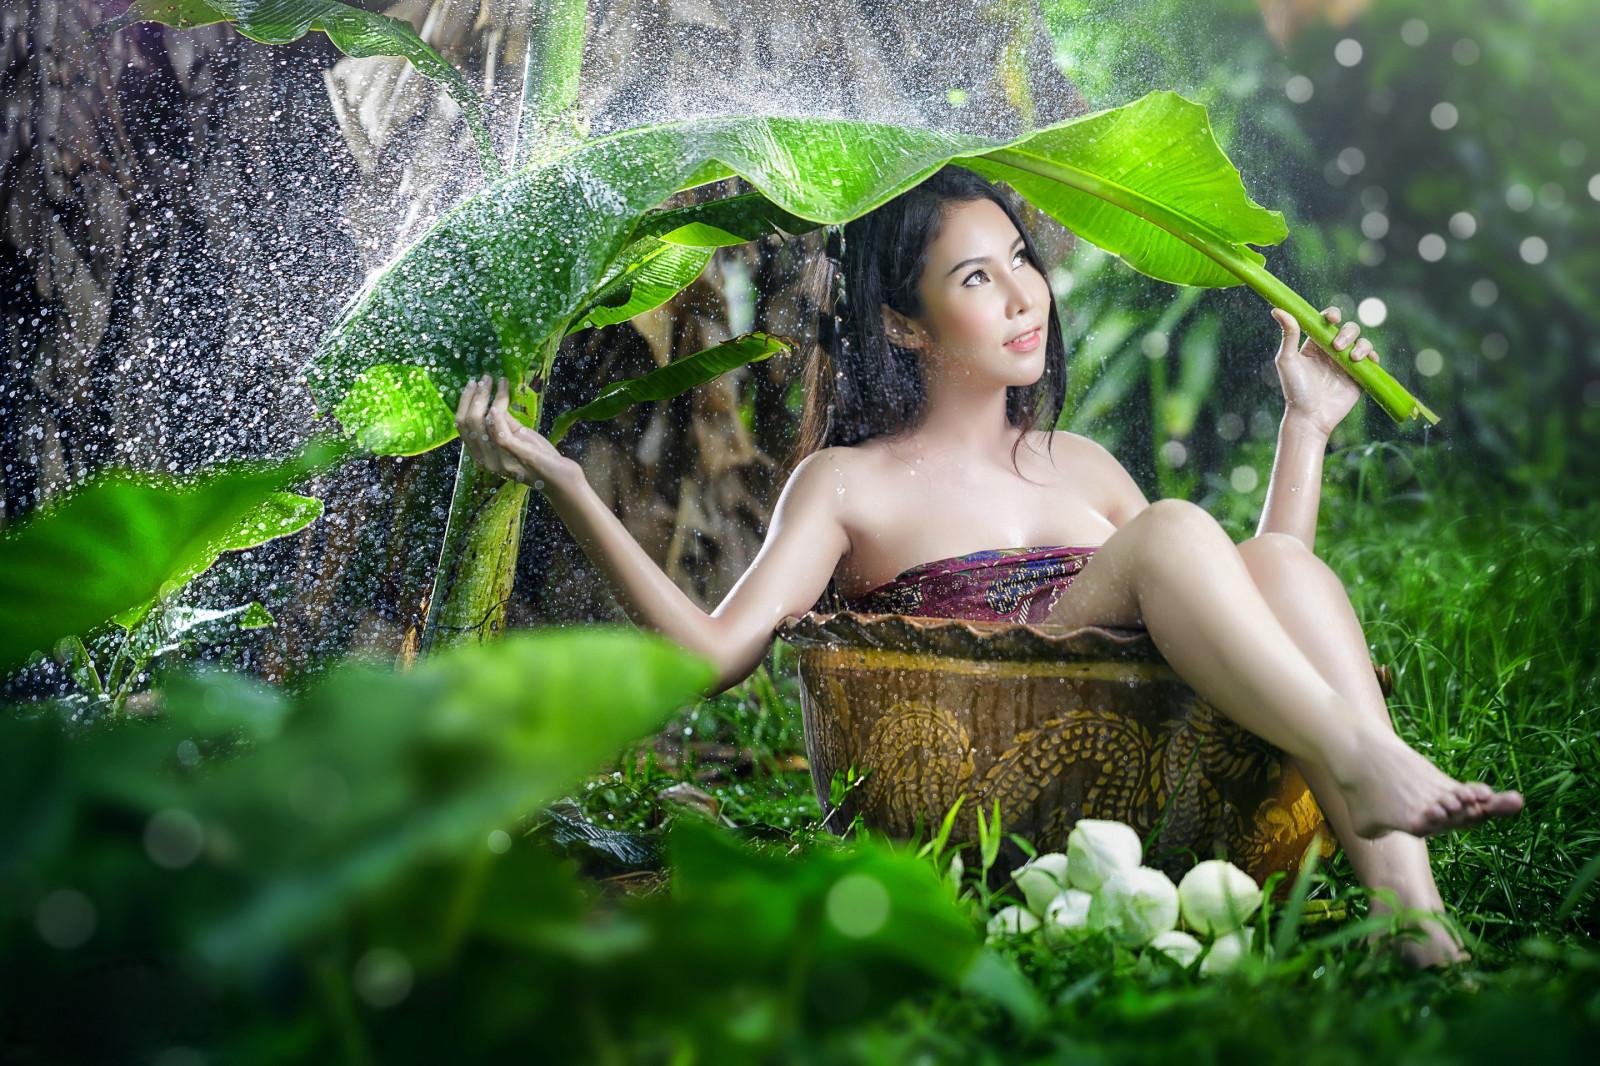 Wallpaper : sunlight, forest, leaves, women, model, nature